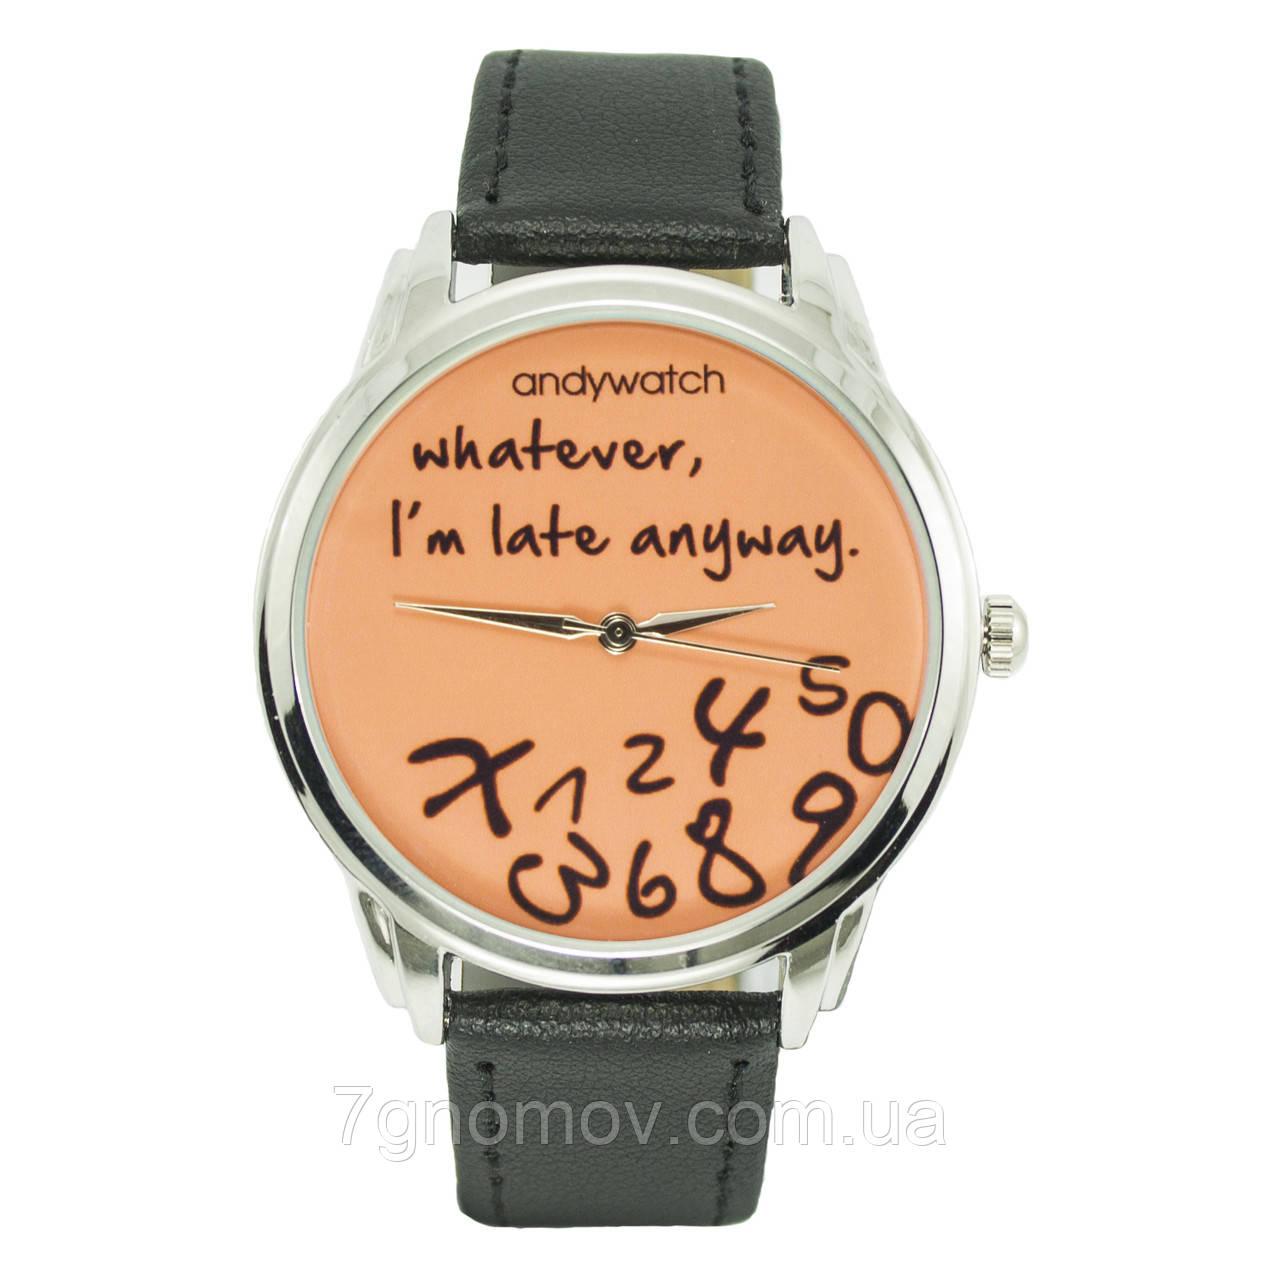 Часы наручные AndyWatch I am late orange арт. AW 031